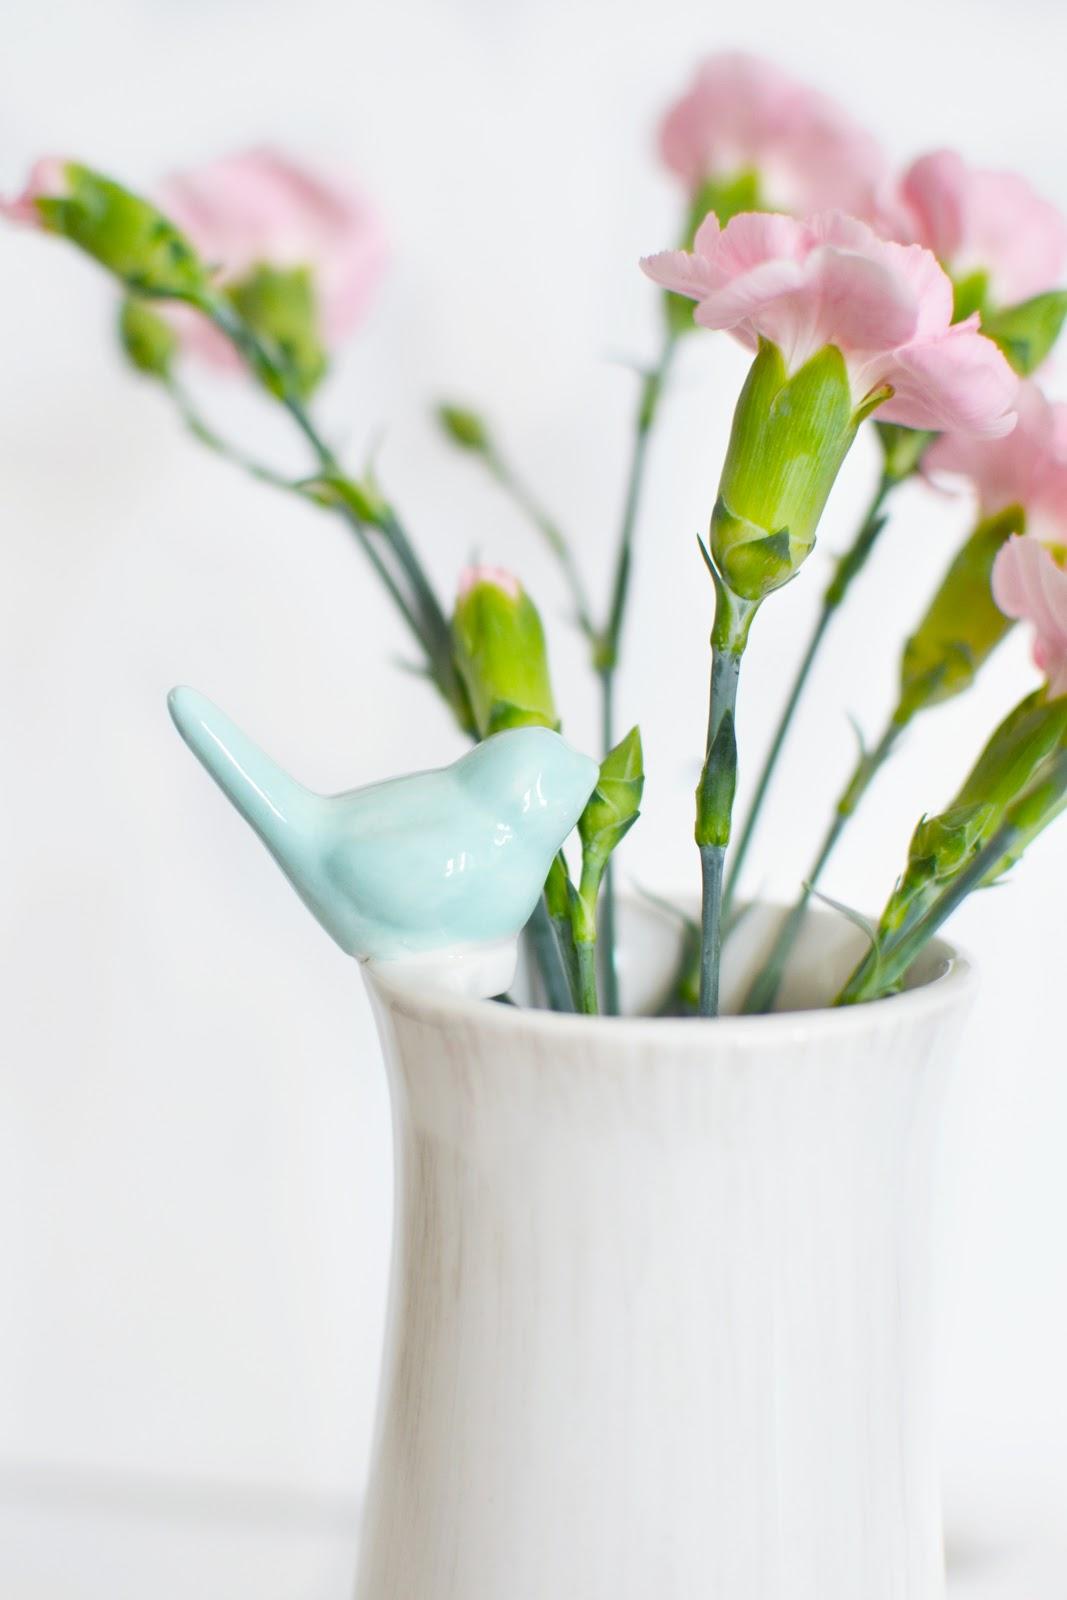 shabby chic vase, pink carnations